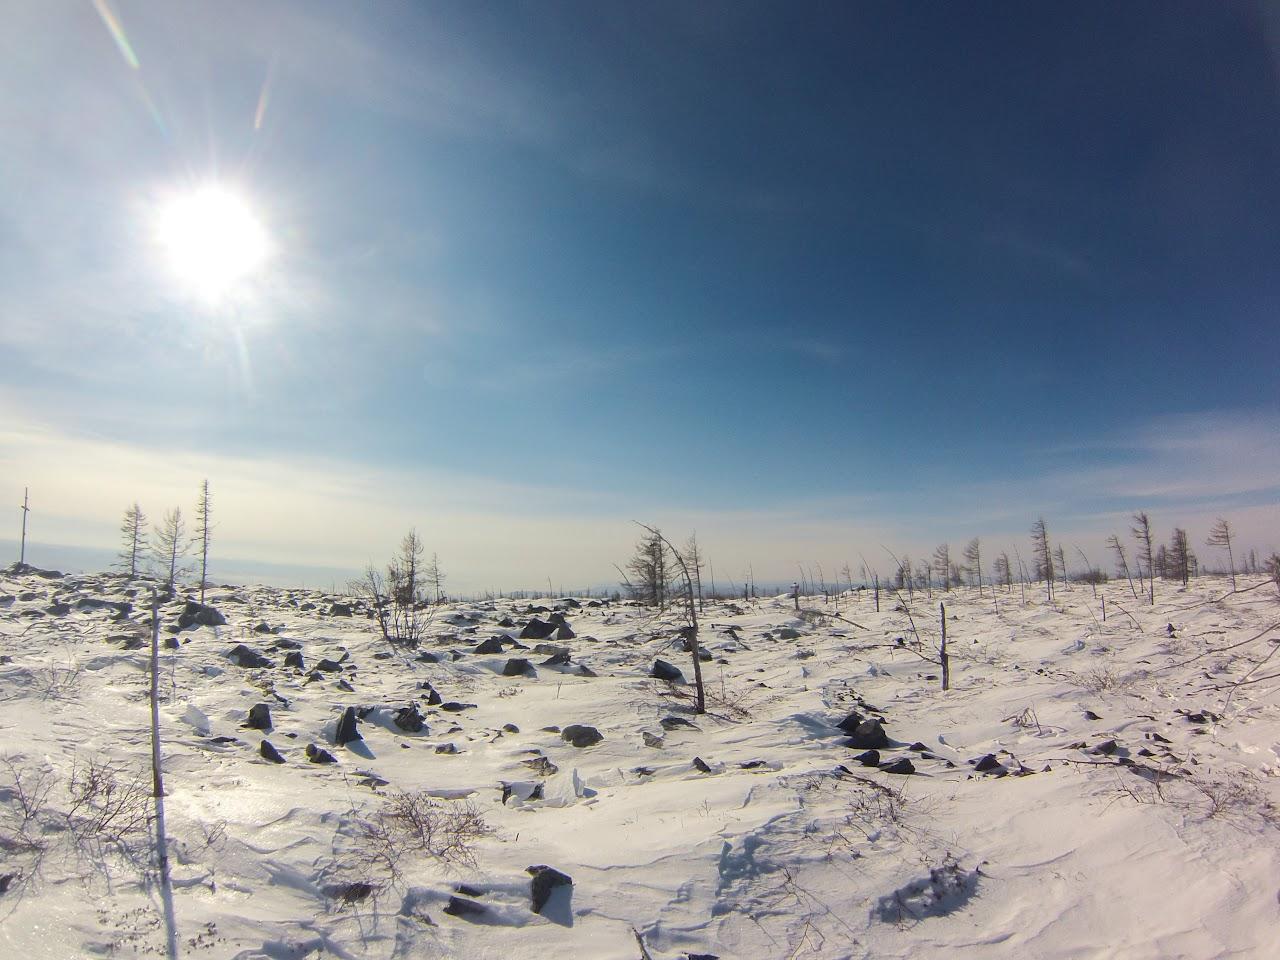 Вершина усыпана камнями и покрыта снегом - Скоростное восхождение на голец Саранакан 2017